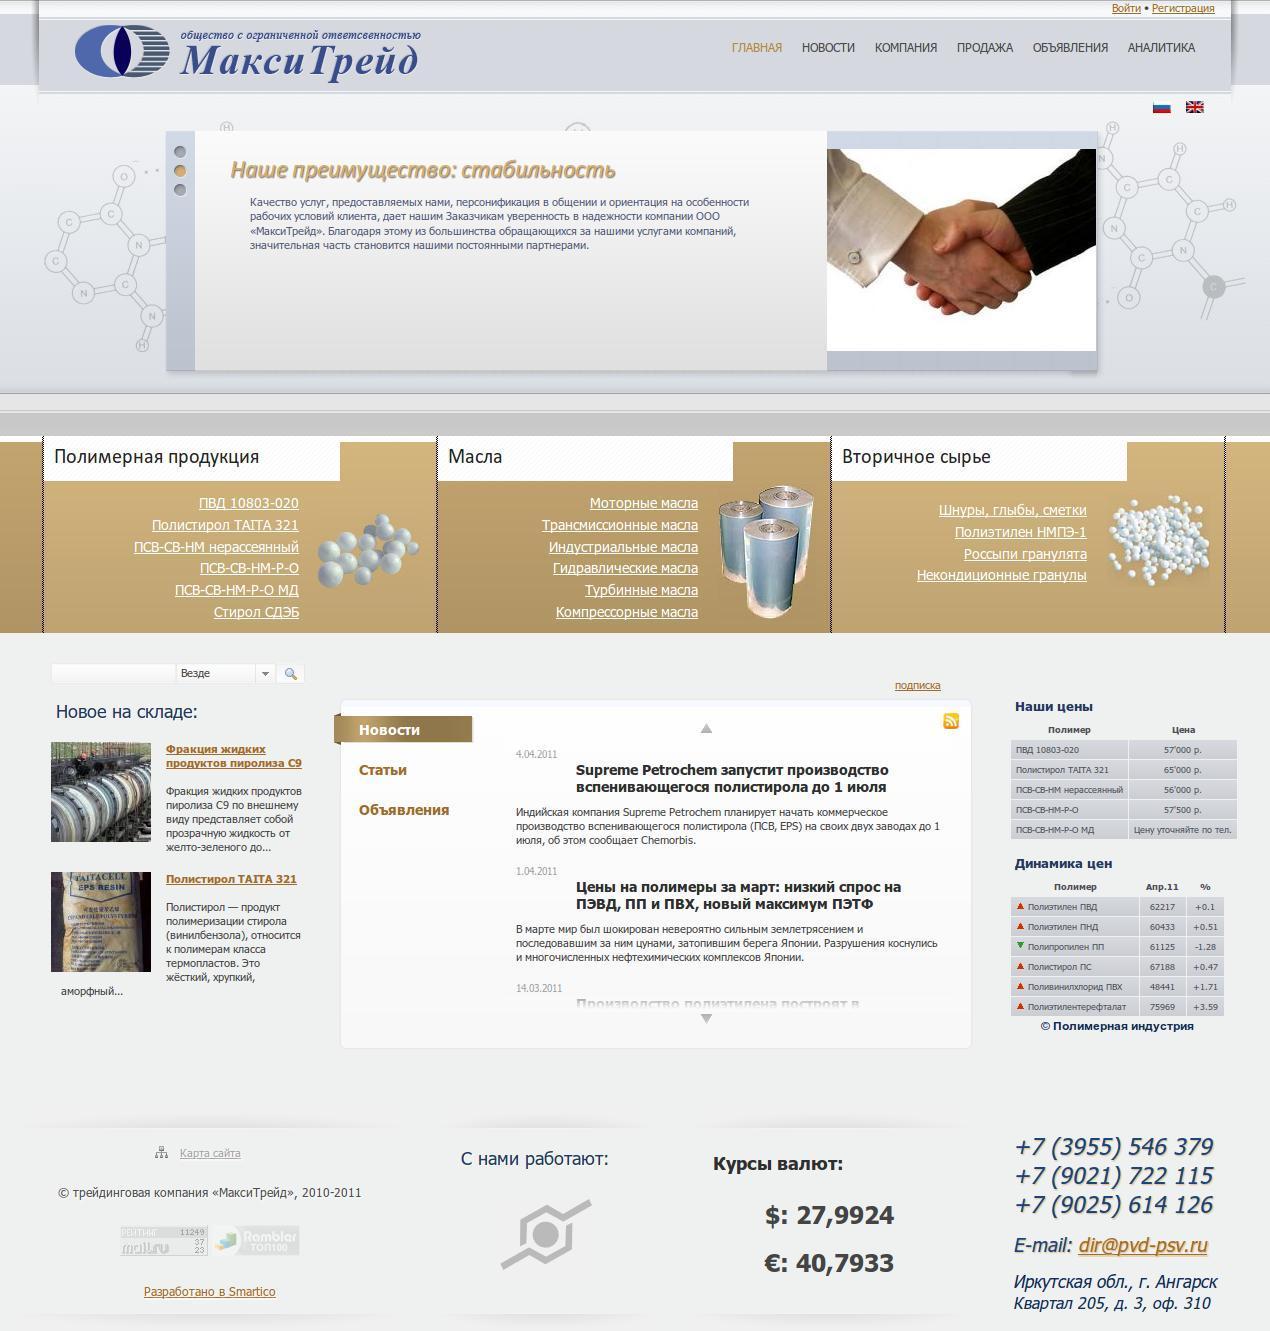 Дизайн трейд официальный сайт